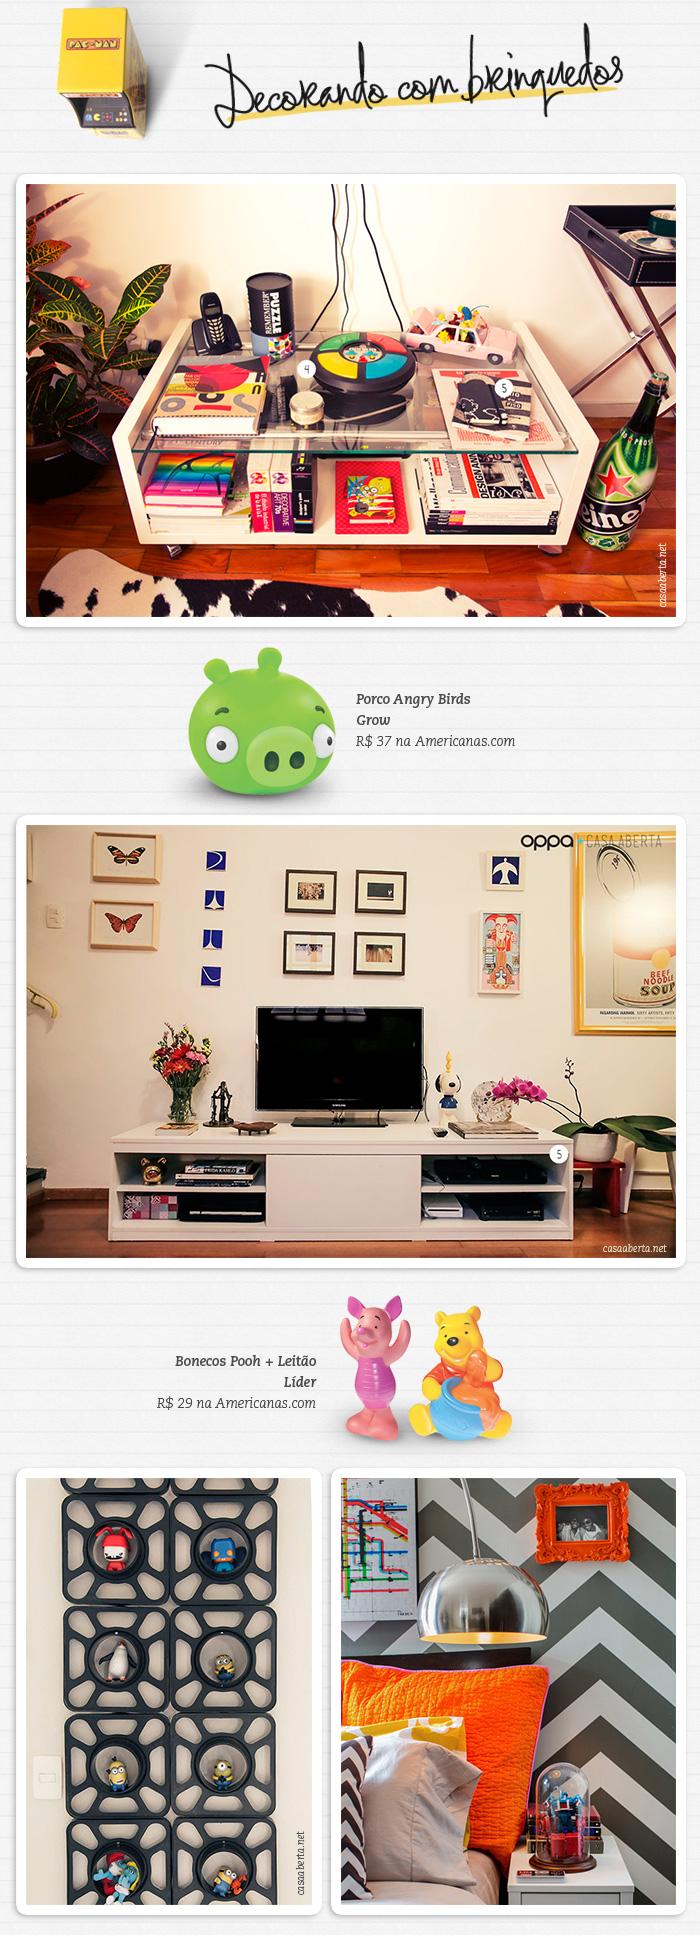 02-10-a-decorando-com-brinquedos